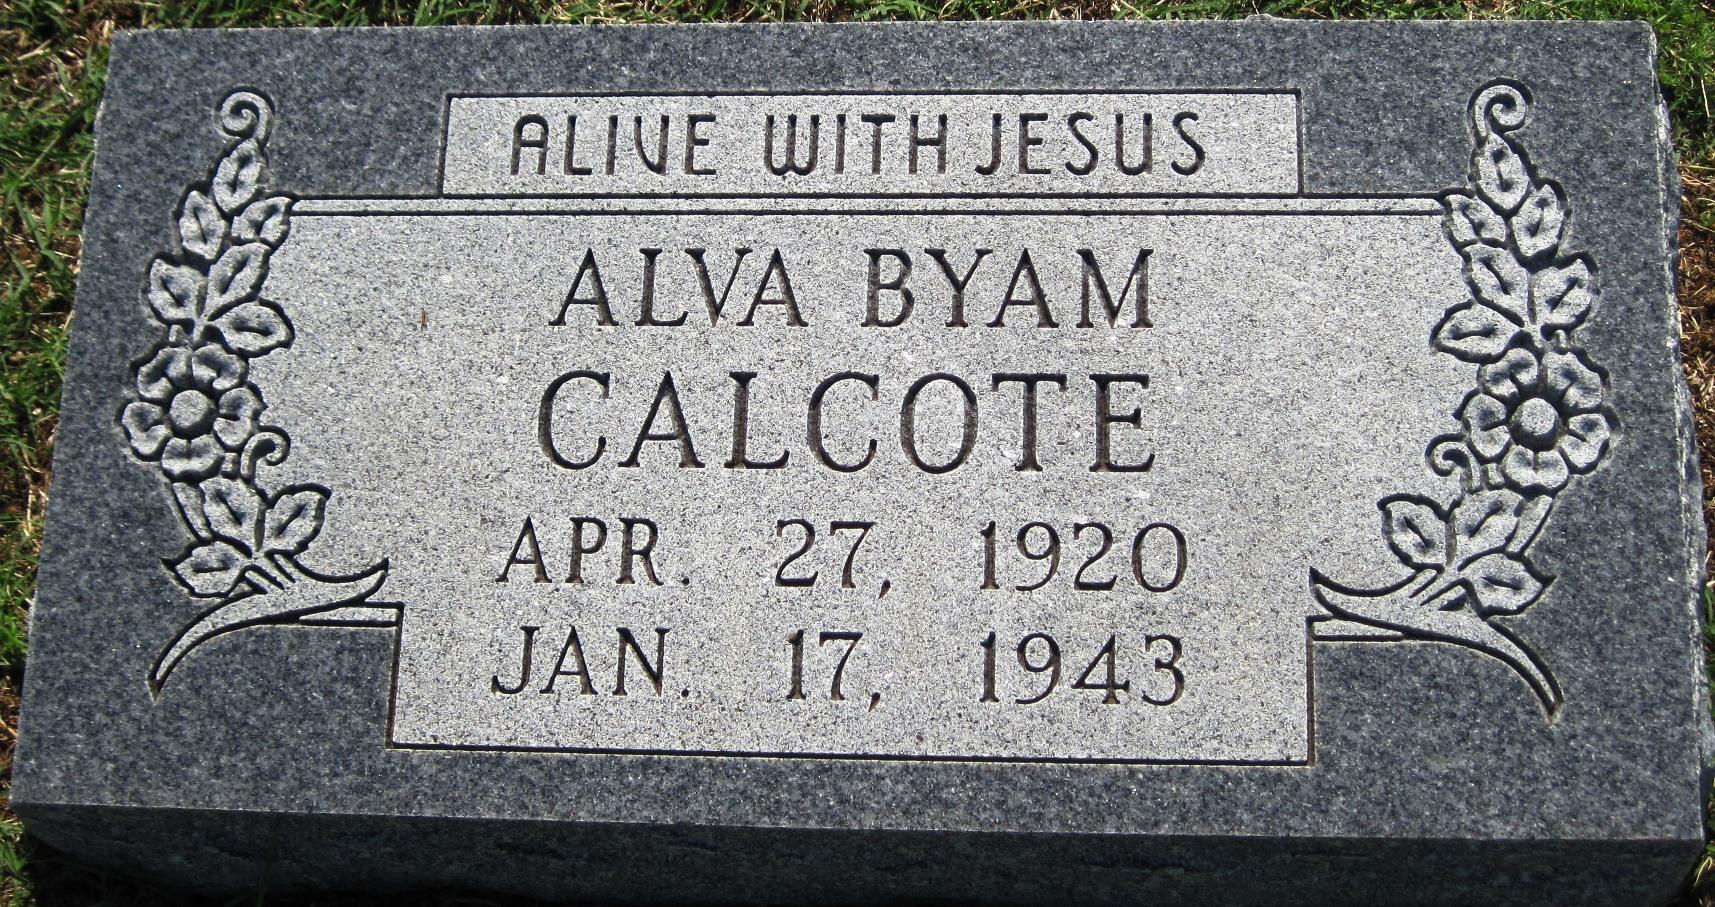 Alva Byam Calcote